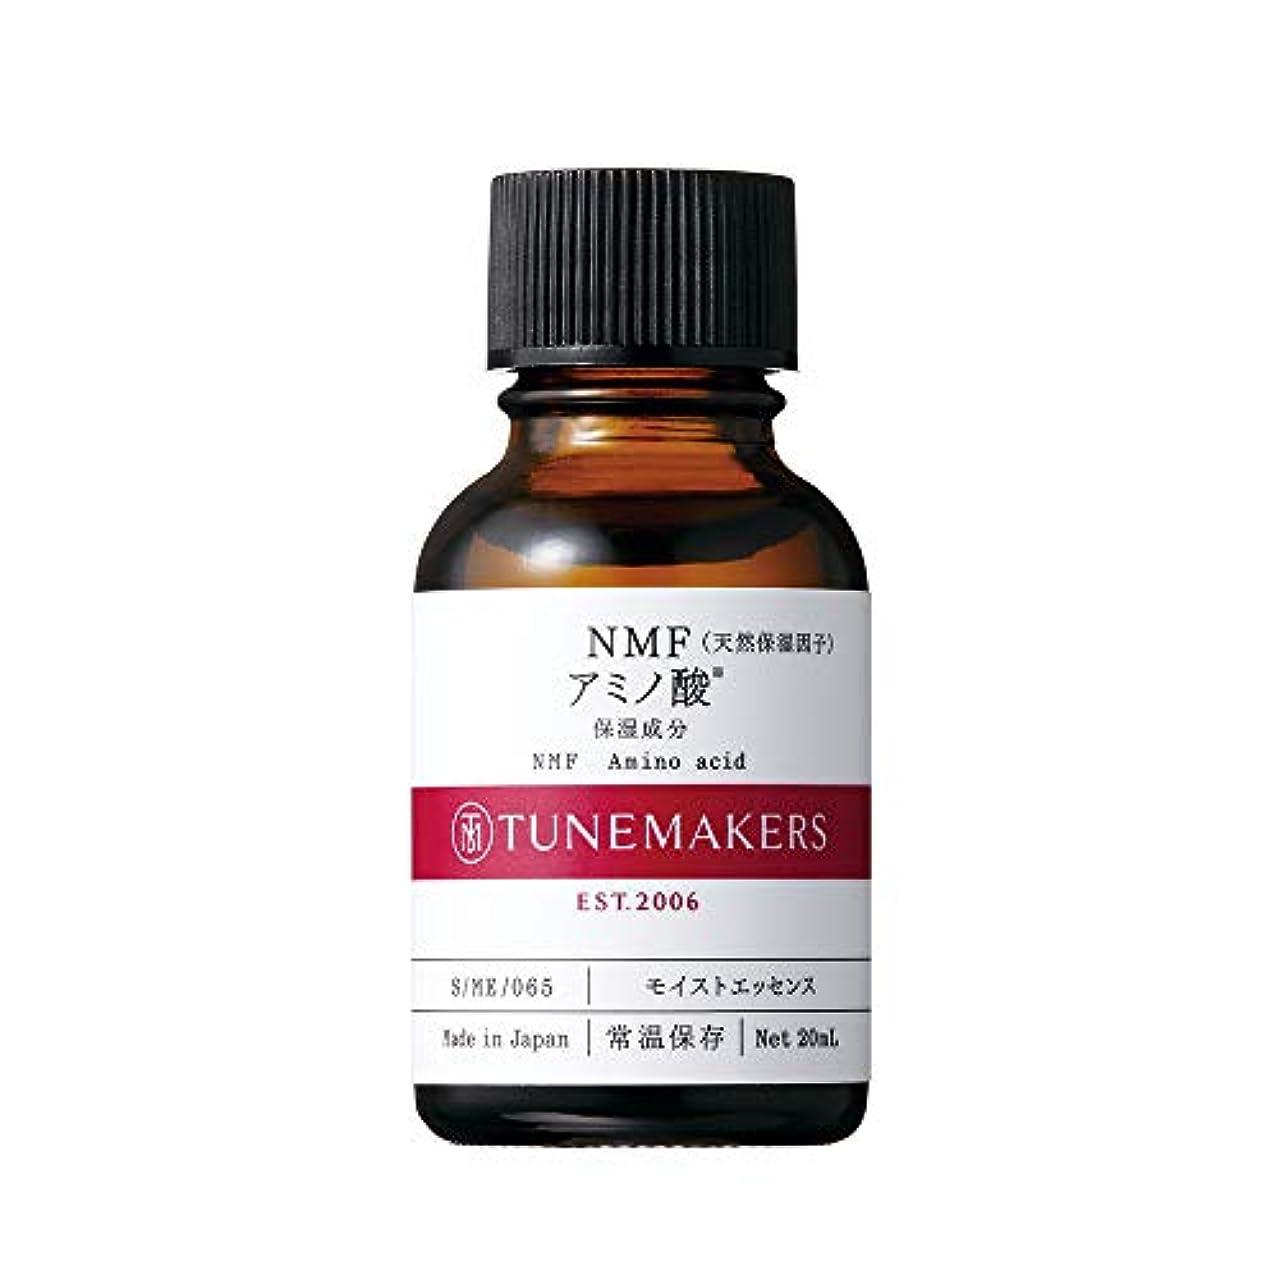 有益な不一致免除TUNEMAKERS(チューンメーカーズ) NMF(天然保湿因子) アミノ酸 美容液 20ml